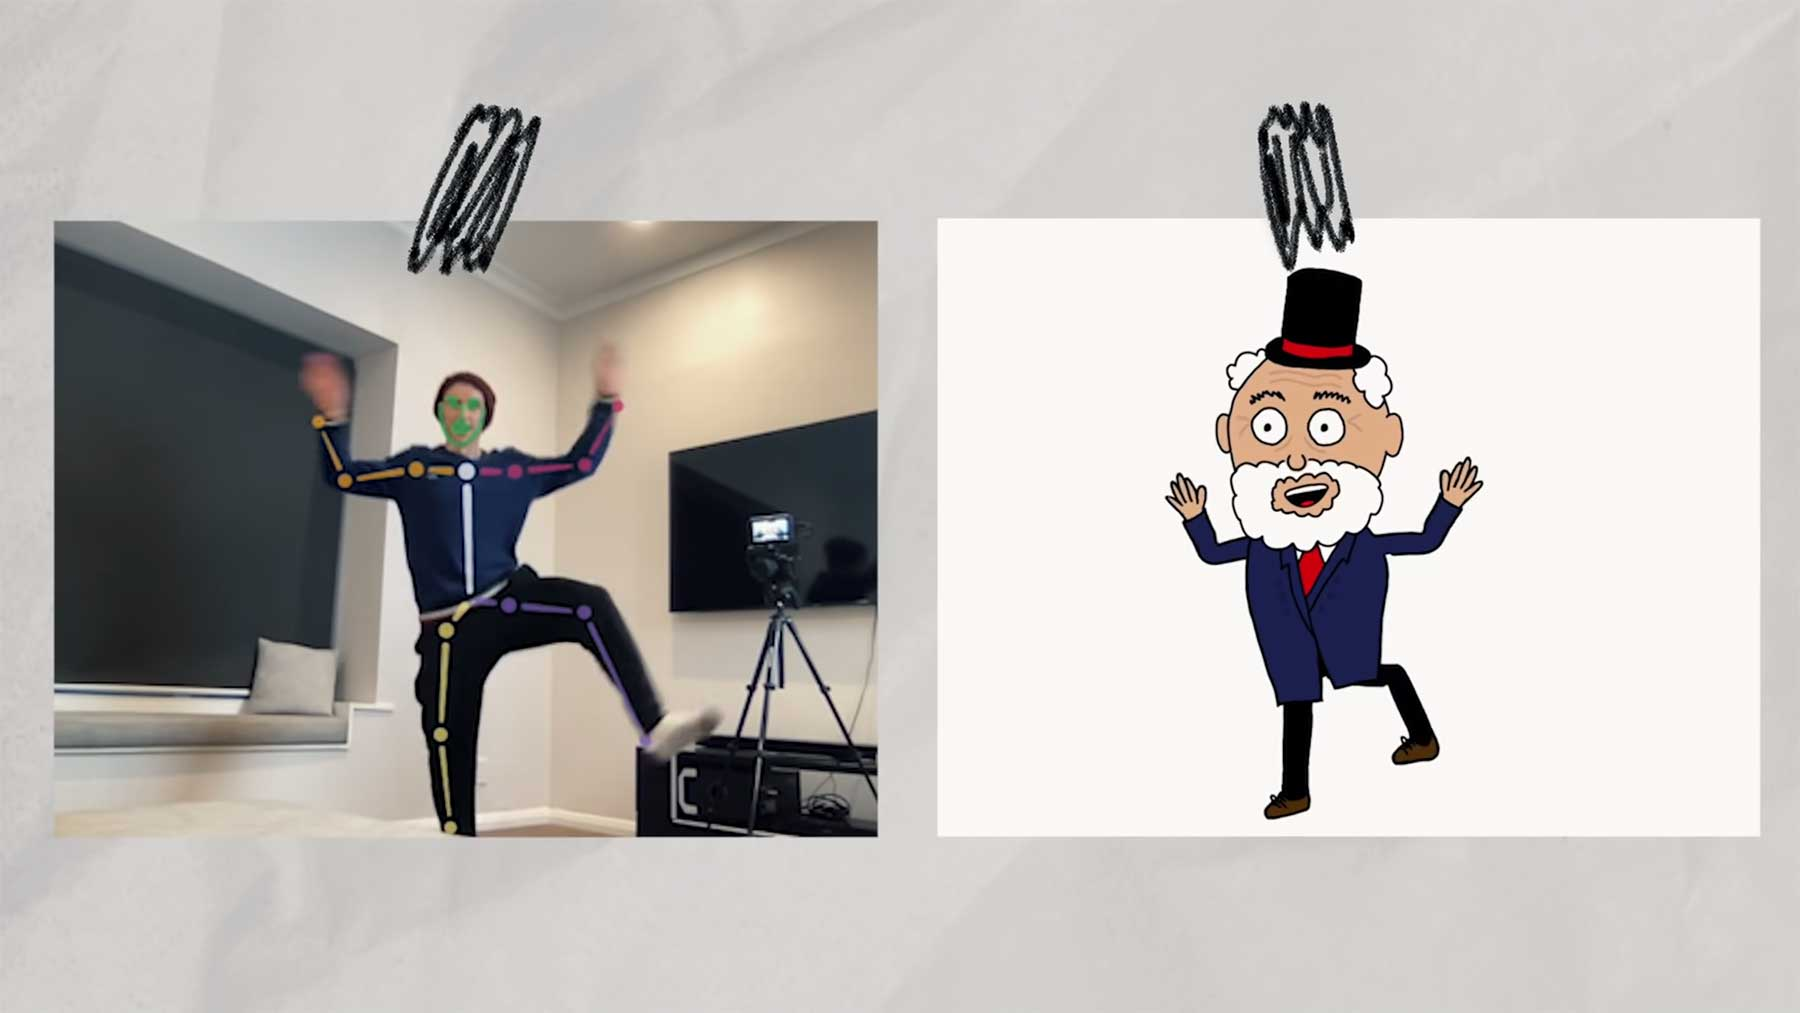 Eine animierte TV-Serie in einer Woche erstellen liam-thompson-tv-serie-in-einer-woche-erstellen